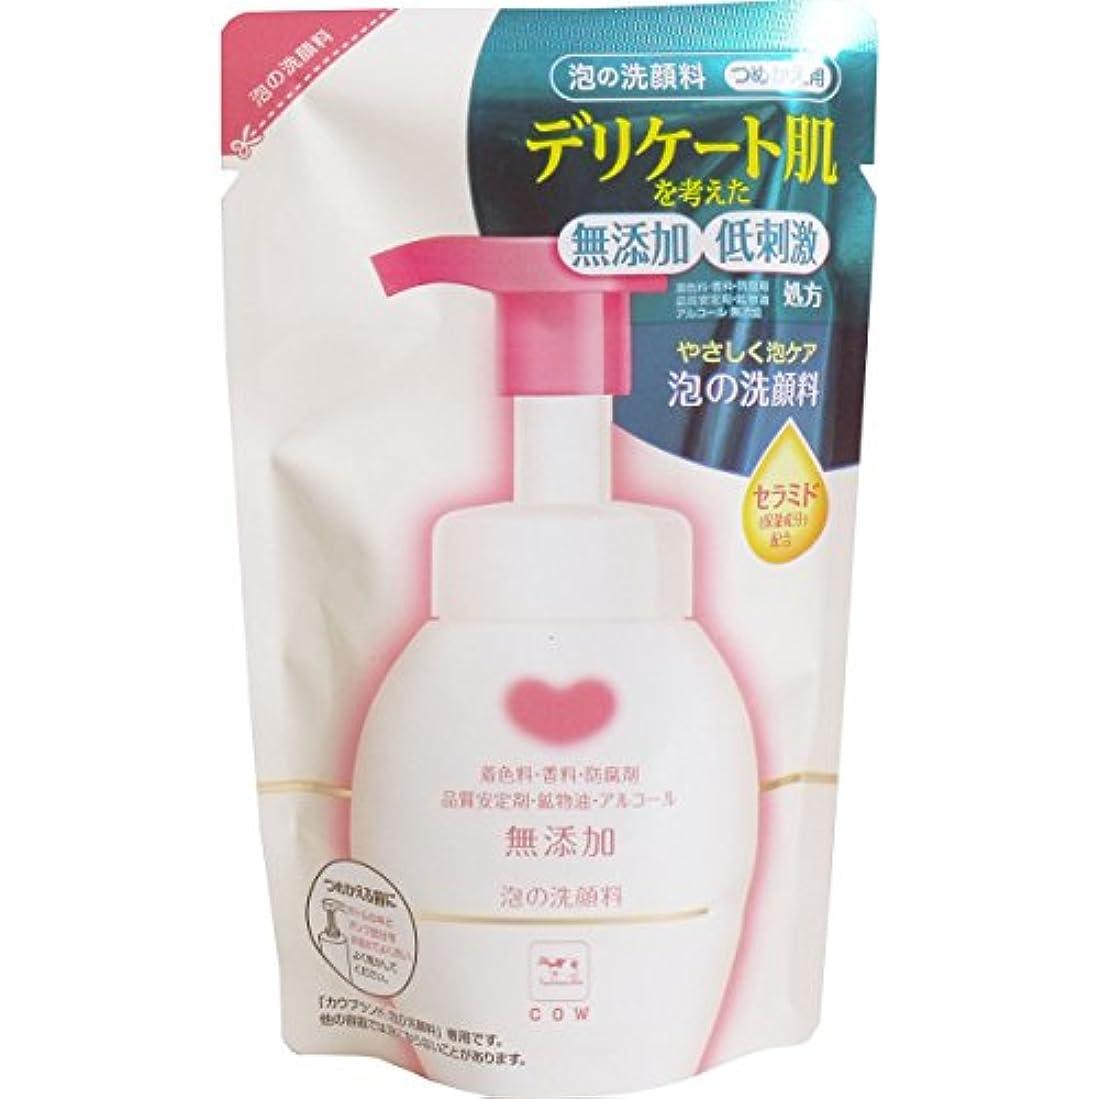 カウブランド 無添加泡の洗顔料 詰替用?180ml × 5個セット